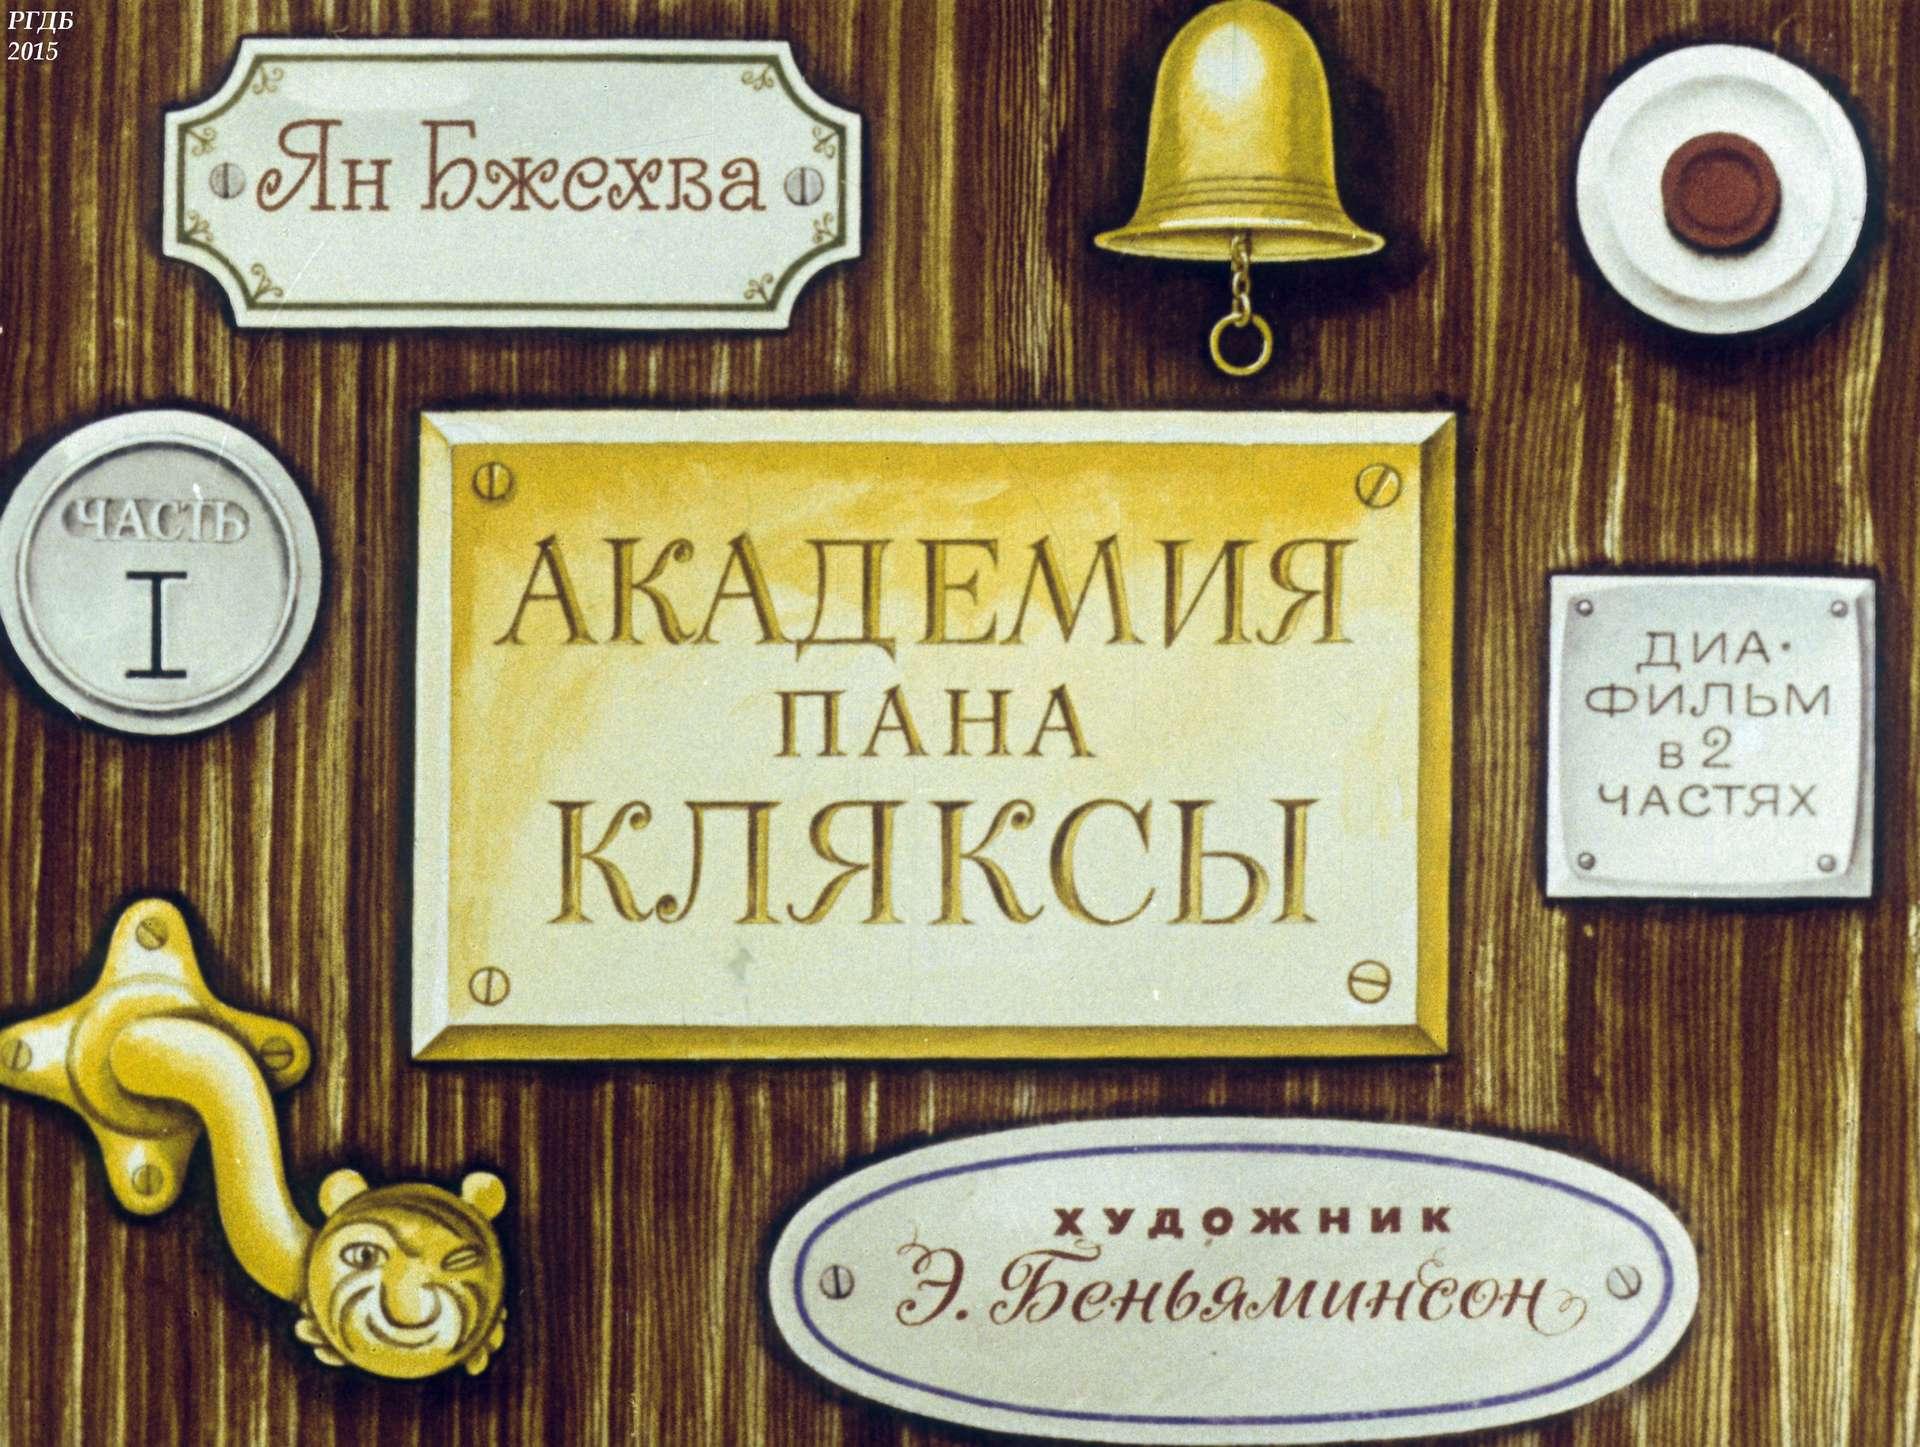 Ян Бжехва - Академия пана Кляксы